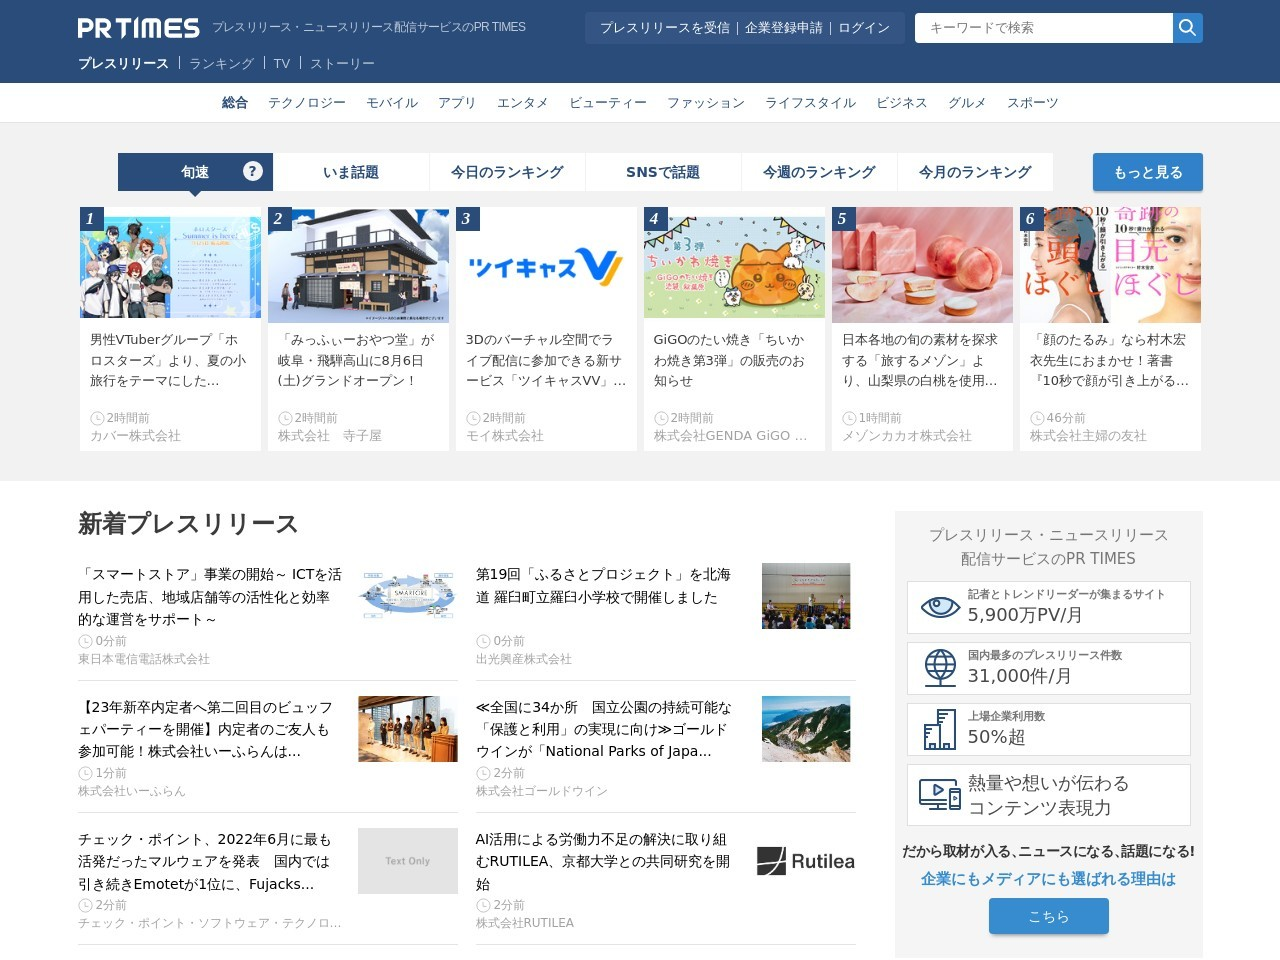 【インバウンド調査】検索数から見る「春節」動向調査~台湾・香港は「雪」、韓国は「温泉」~